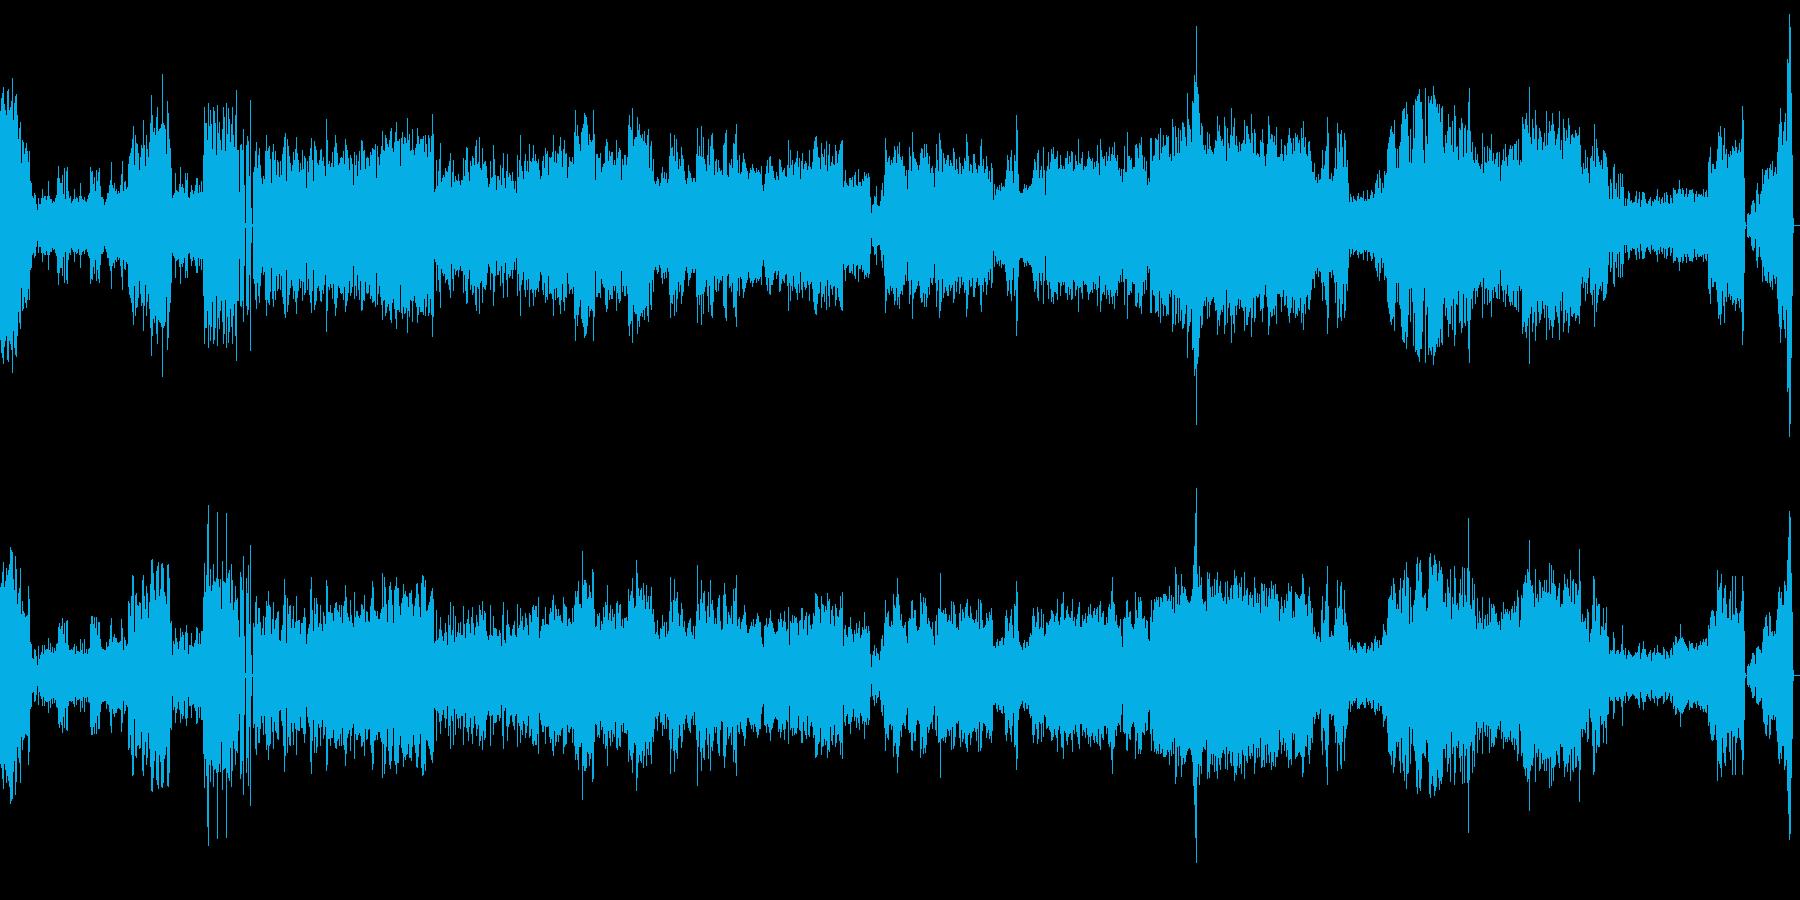 ハンガリーの街と平原をイメージした曲の再生済みの波形